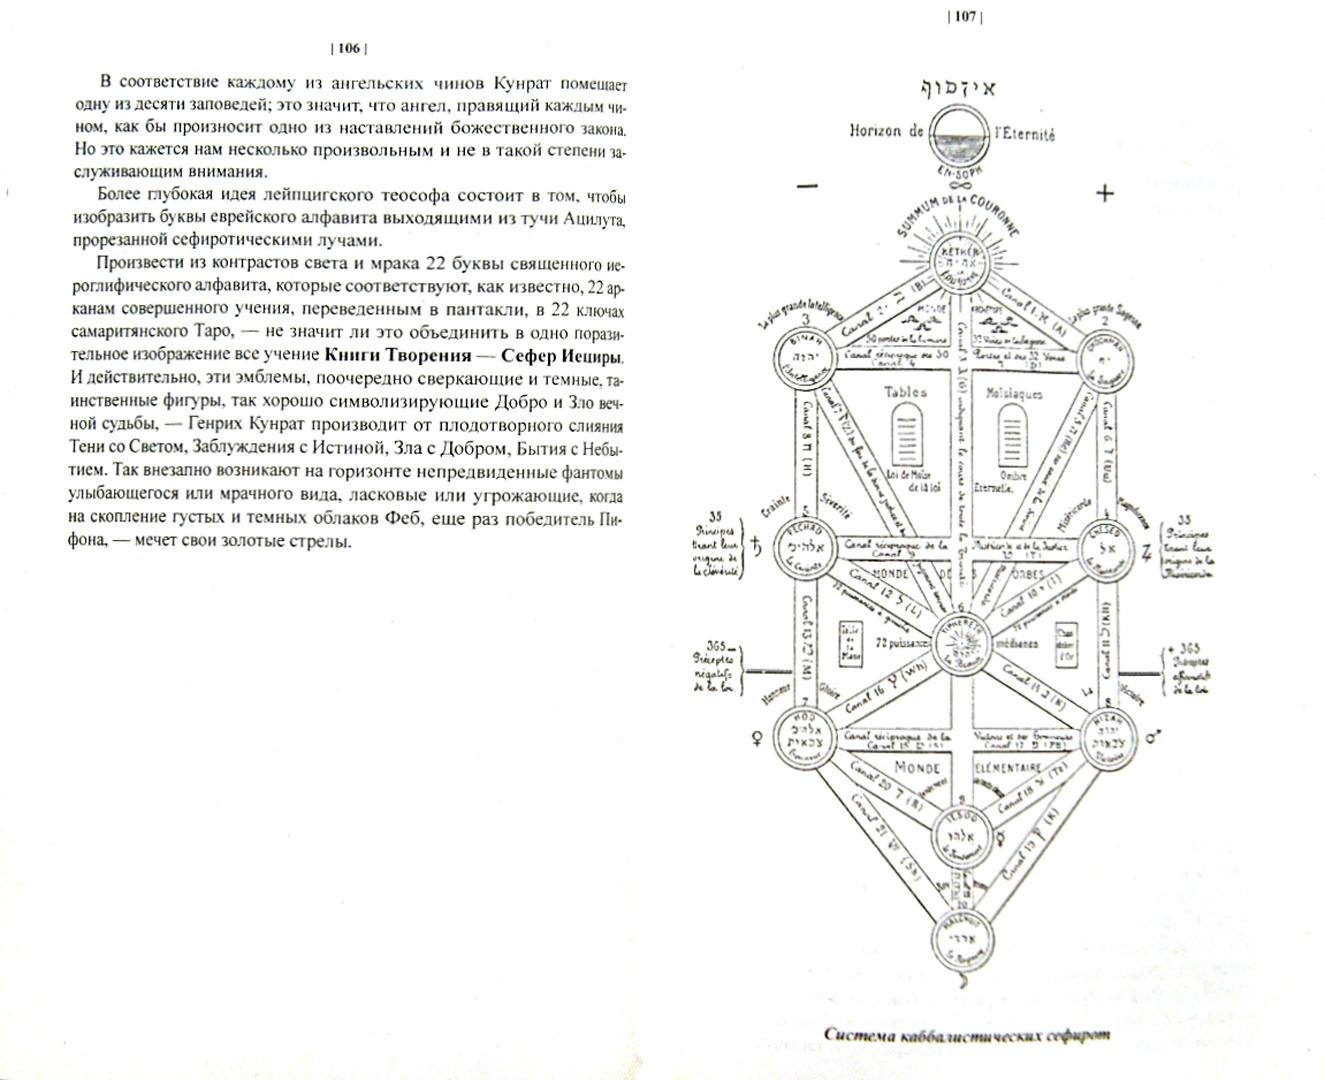 Иллюстрация 1 из 7 для Каббала (или наука о Боге, Вселенной и Человеке) - Папюс | Лабиринт - книги. Источник: Лабиринт